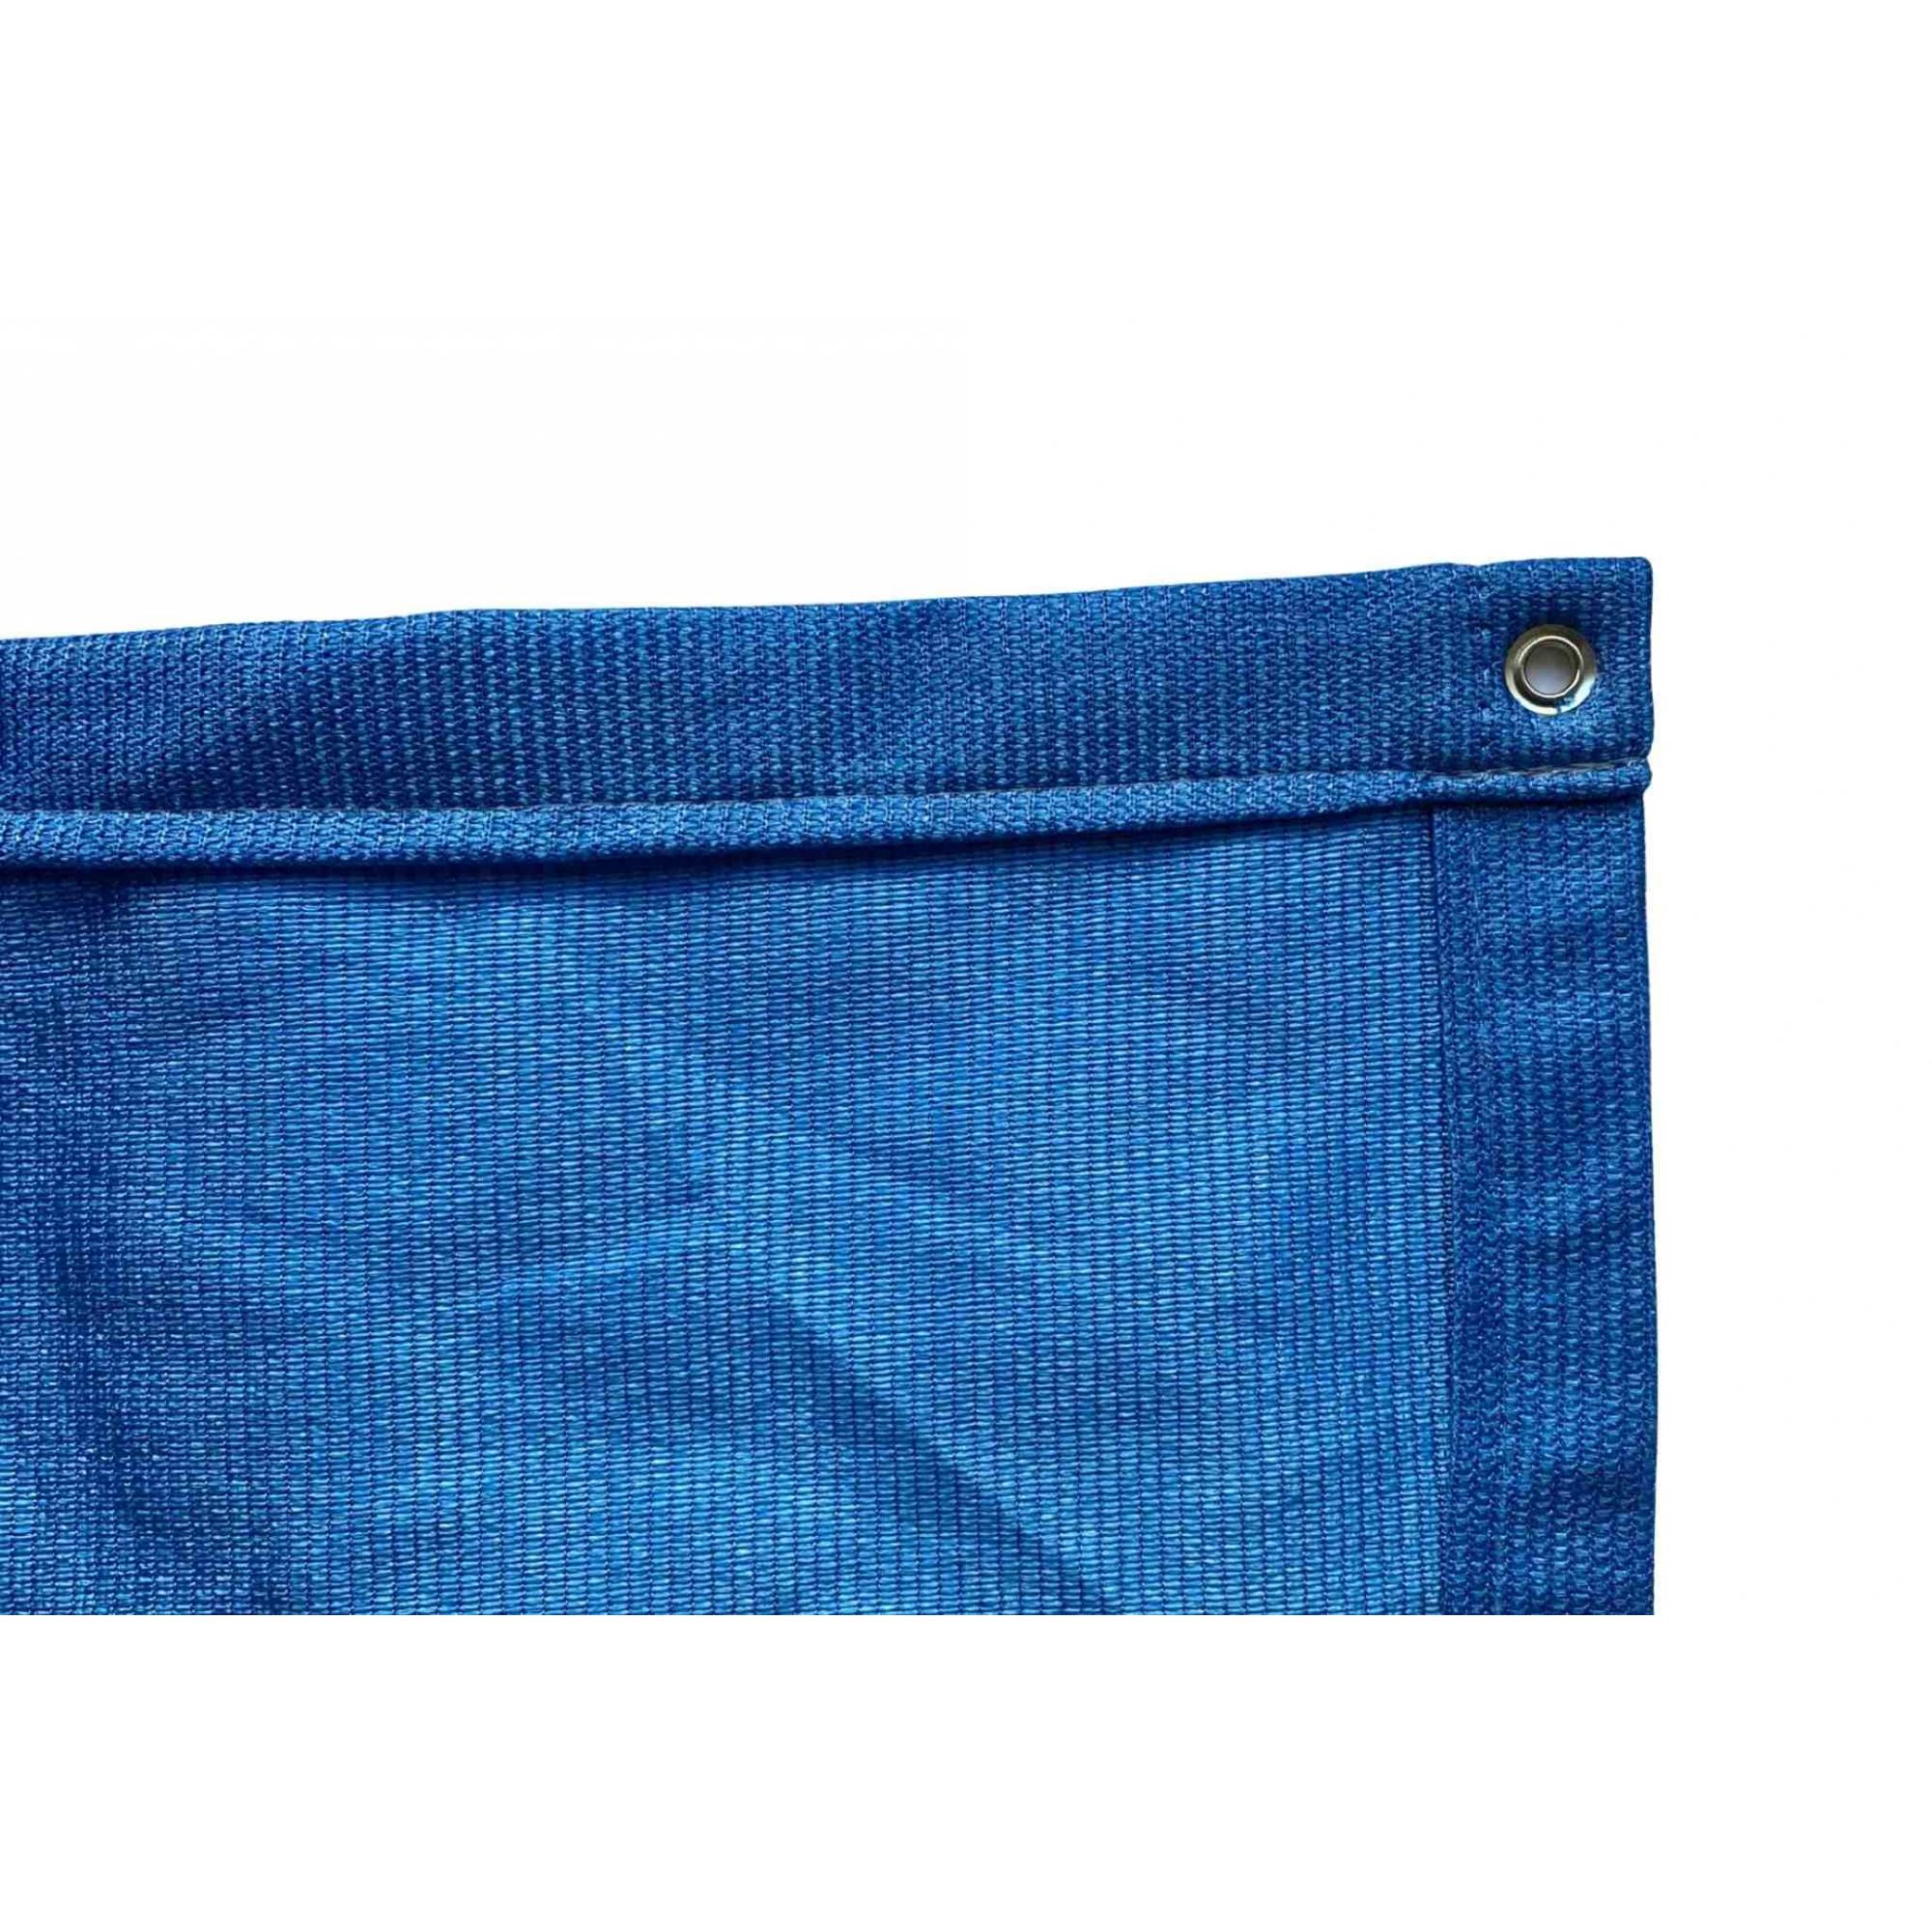 Tela de Sombreamento 90% Azul com Bainha e Ilhós - Largura: 2,5 Metros